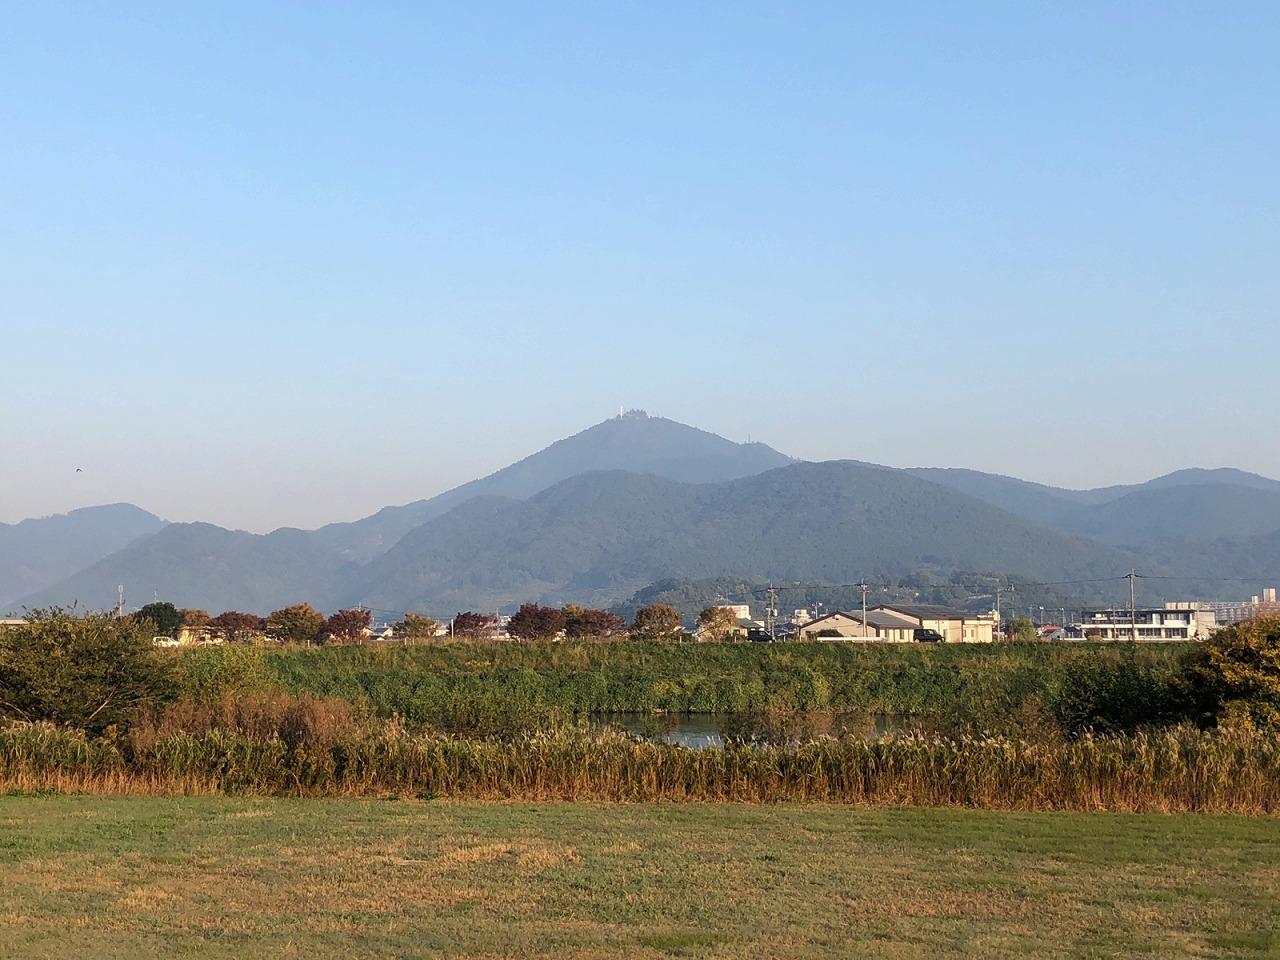 2018.11.5今朝の金峰山です。